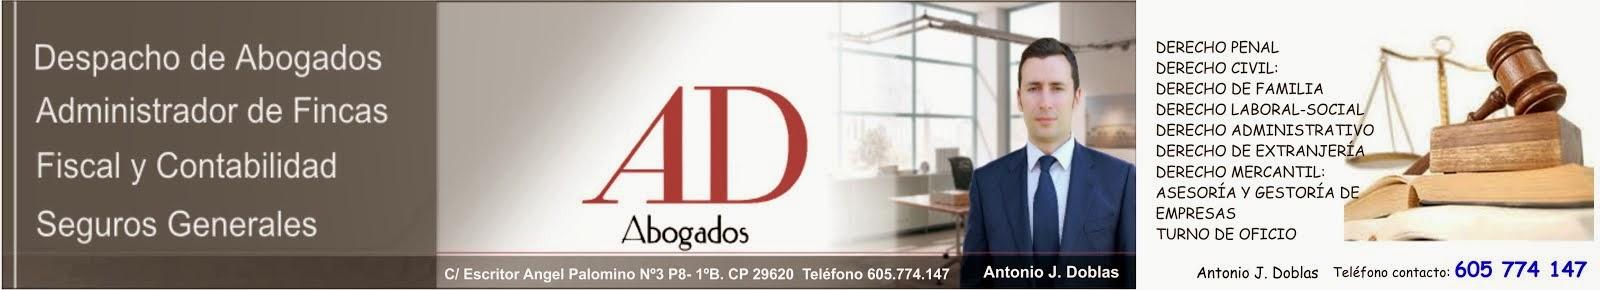 Abogado en Malaga Tel. 605.774.147